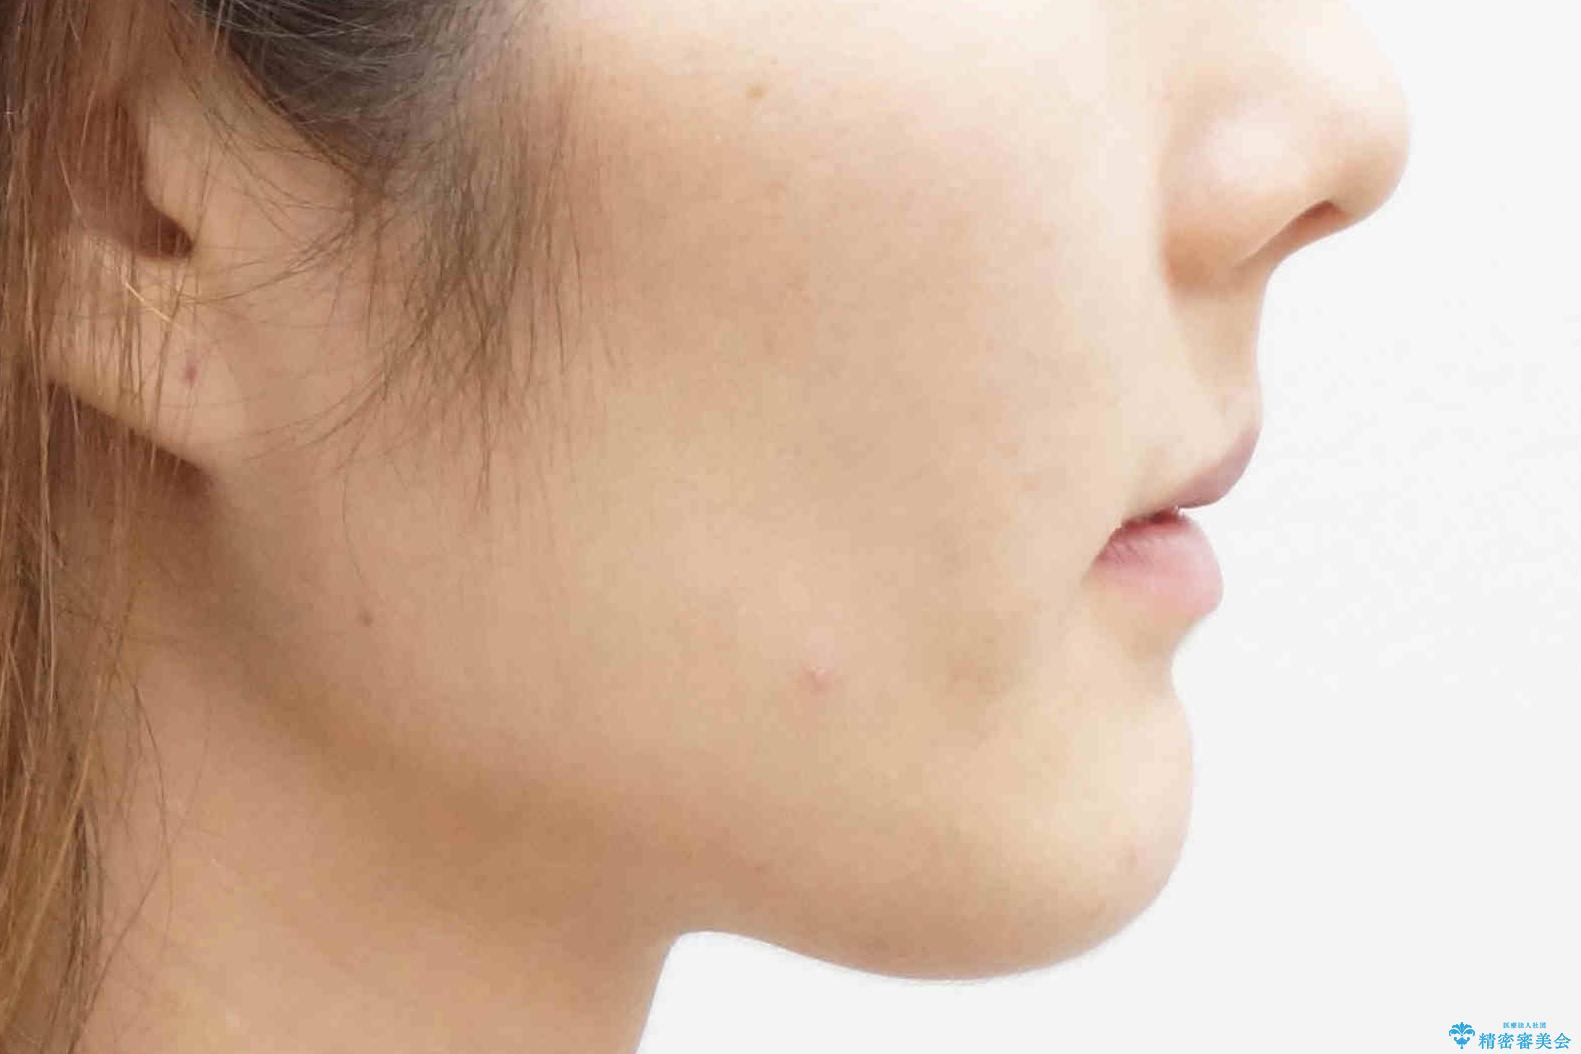 ハーフリンガル 犬歯のねじれ 歯根の外部吸収している歯を抜歯の治療後(顔貌)